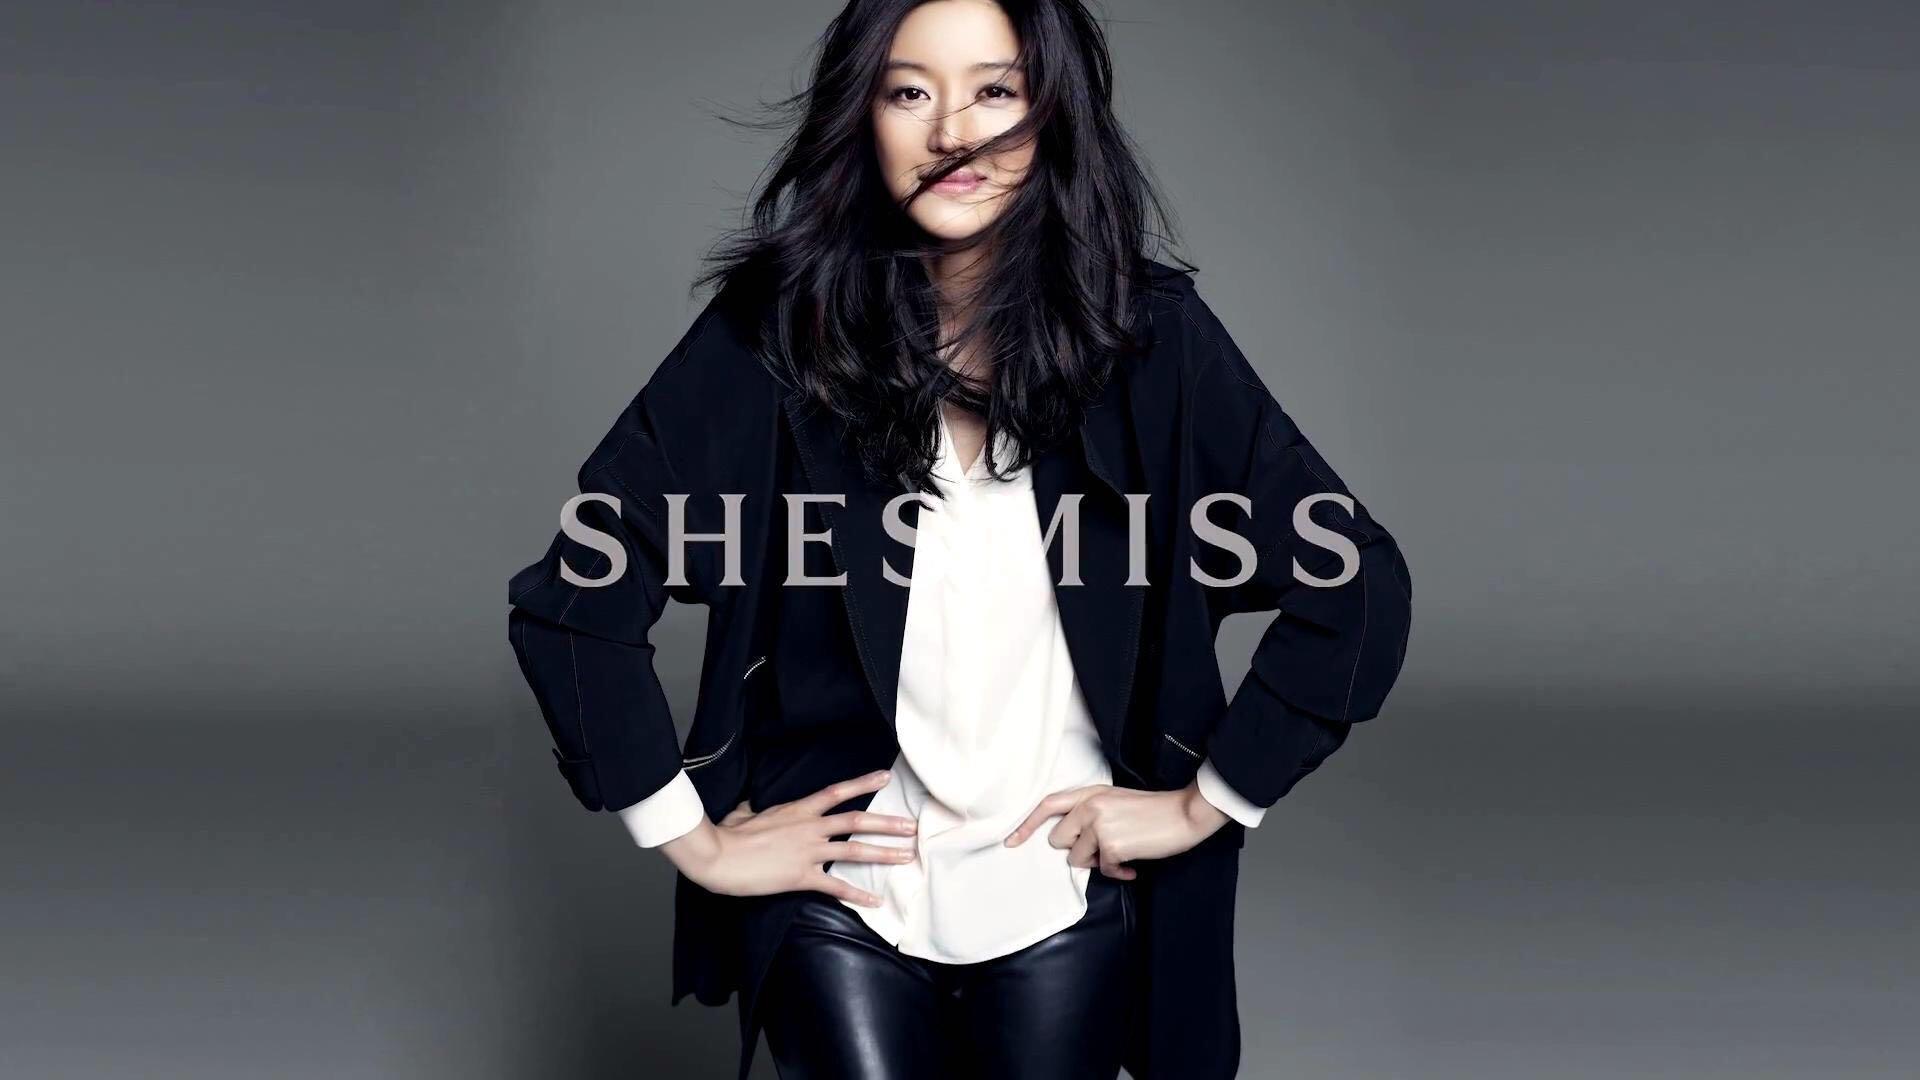 韩国女装官网有哪些_有哪些好的韩国女装品牌? - 知乎